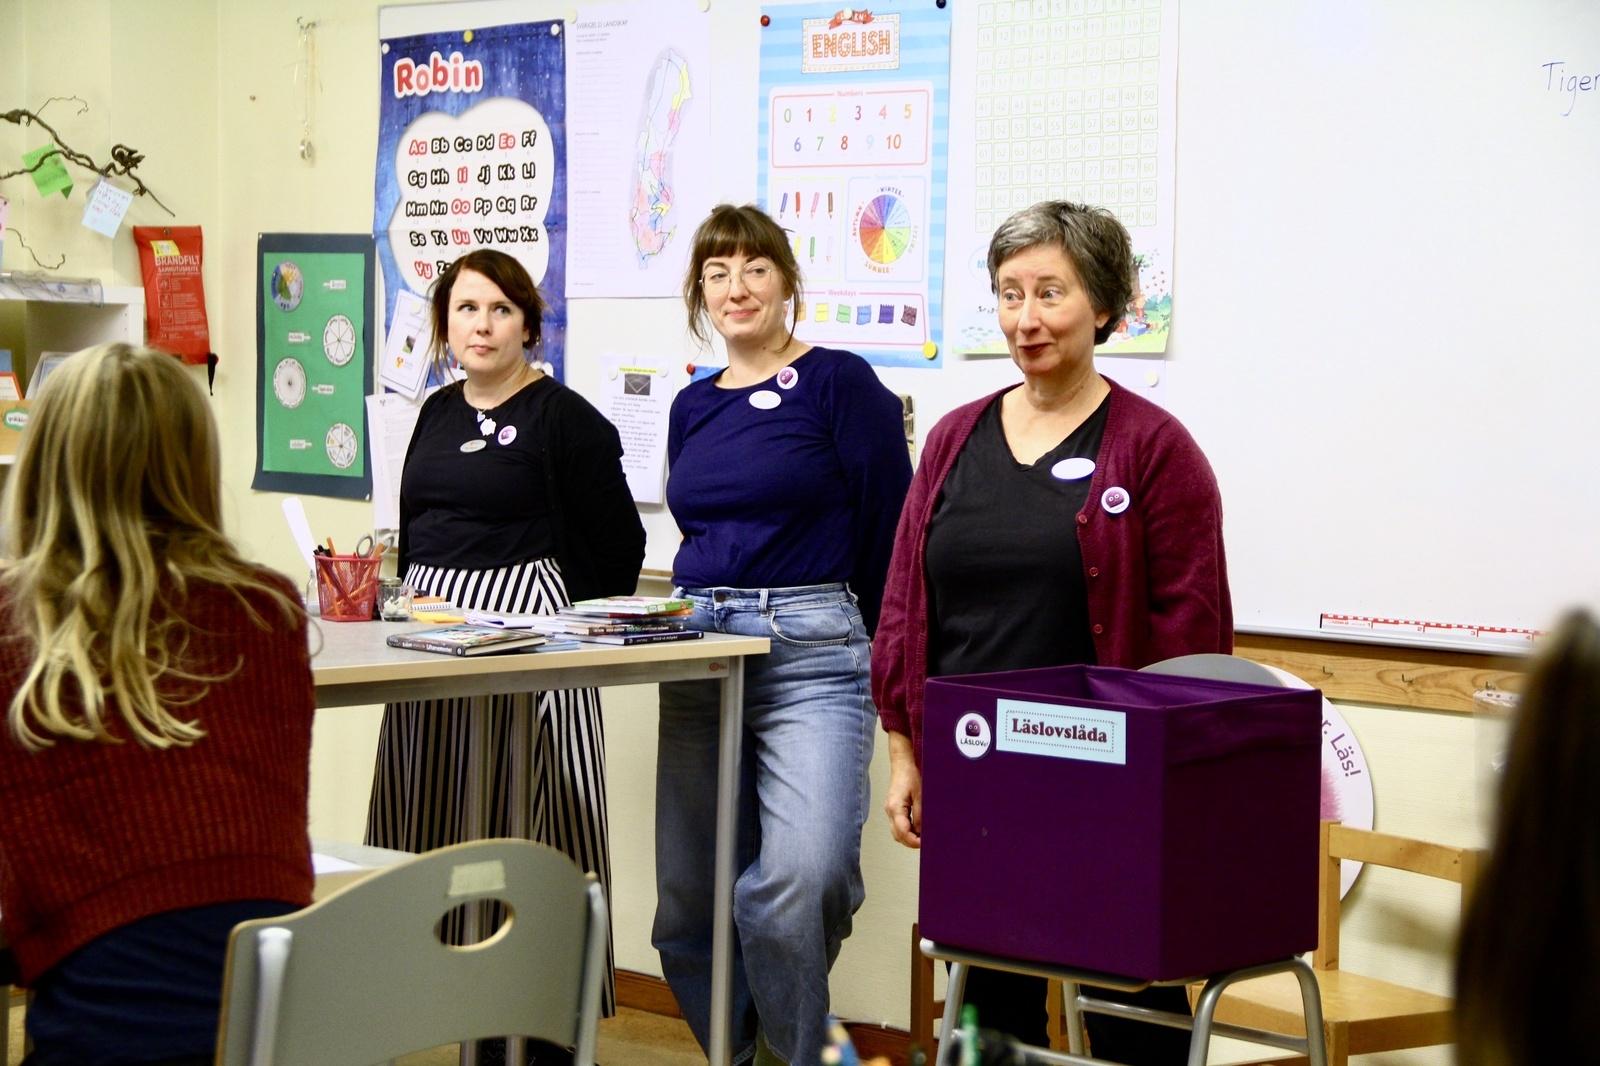 Läslovspepp. Bibliotekarierna Åsa Haglund, Sara Årestedt och Anna Meyerhöffer turnerar runt i skolorna för att tipsa om böcker att läsa inför läslovet.